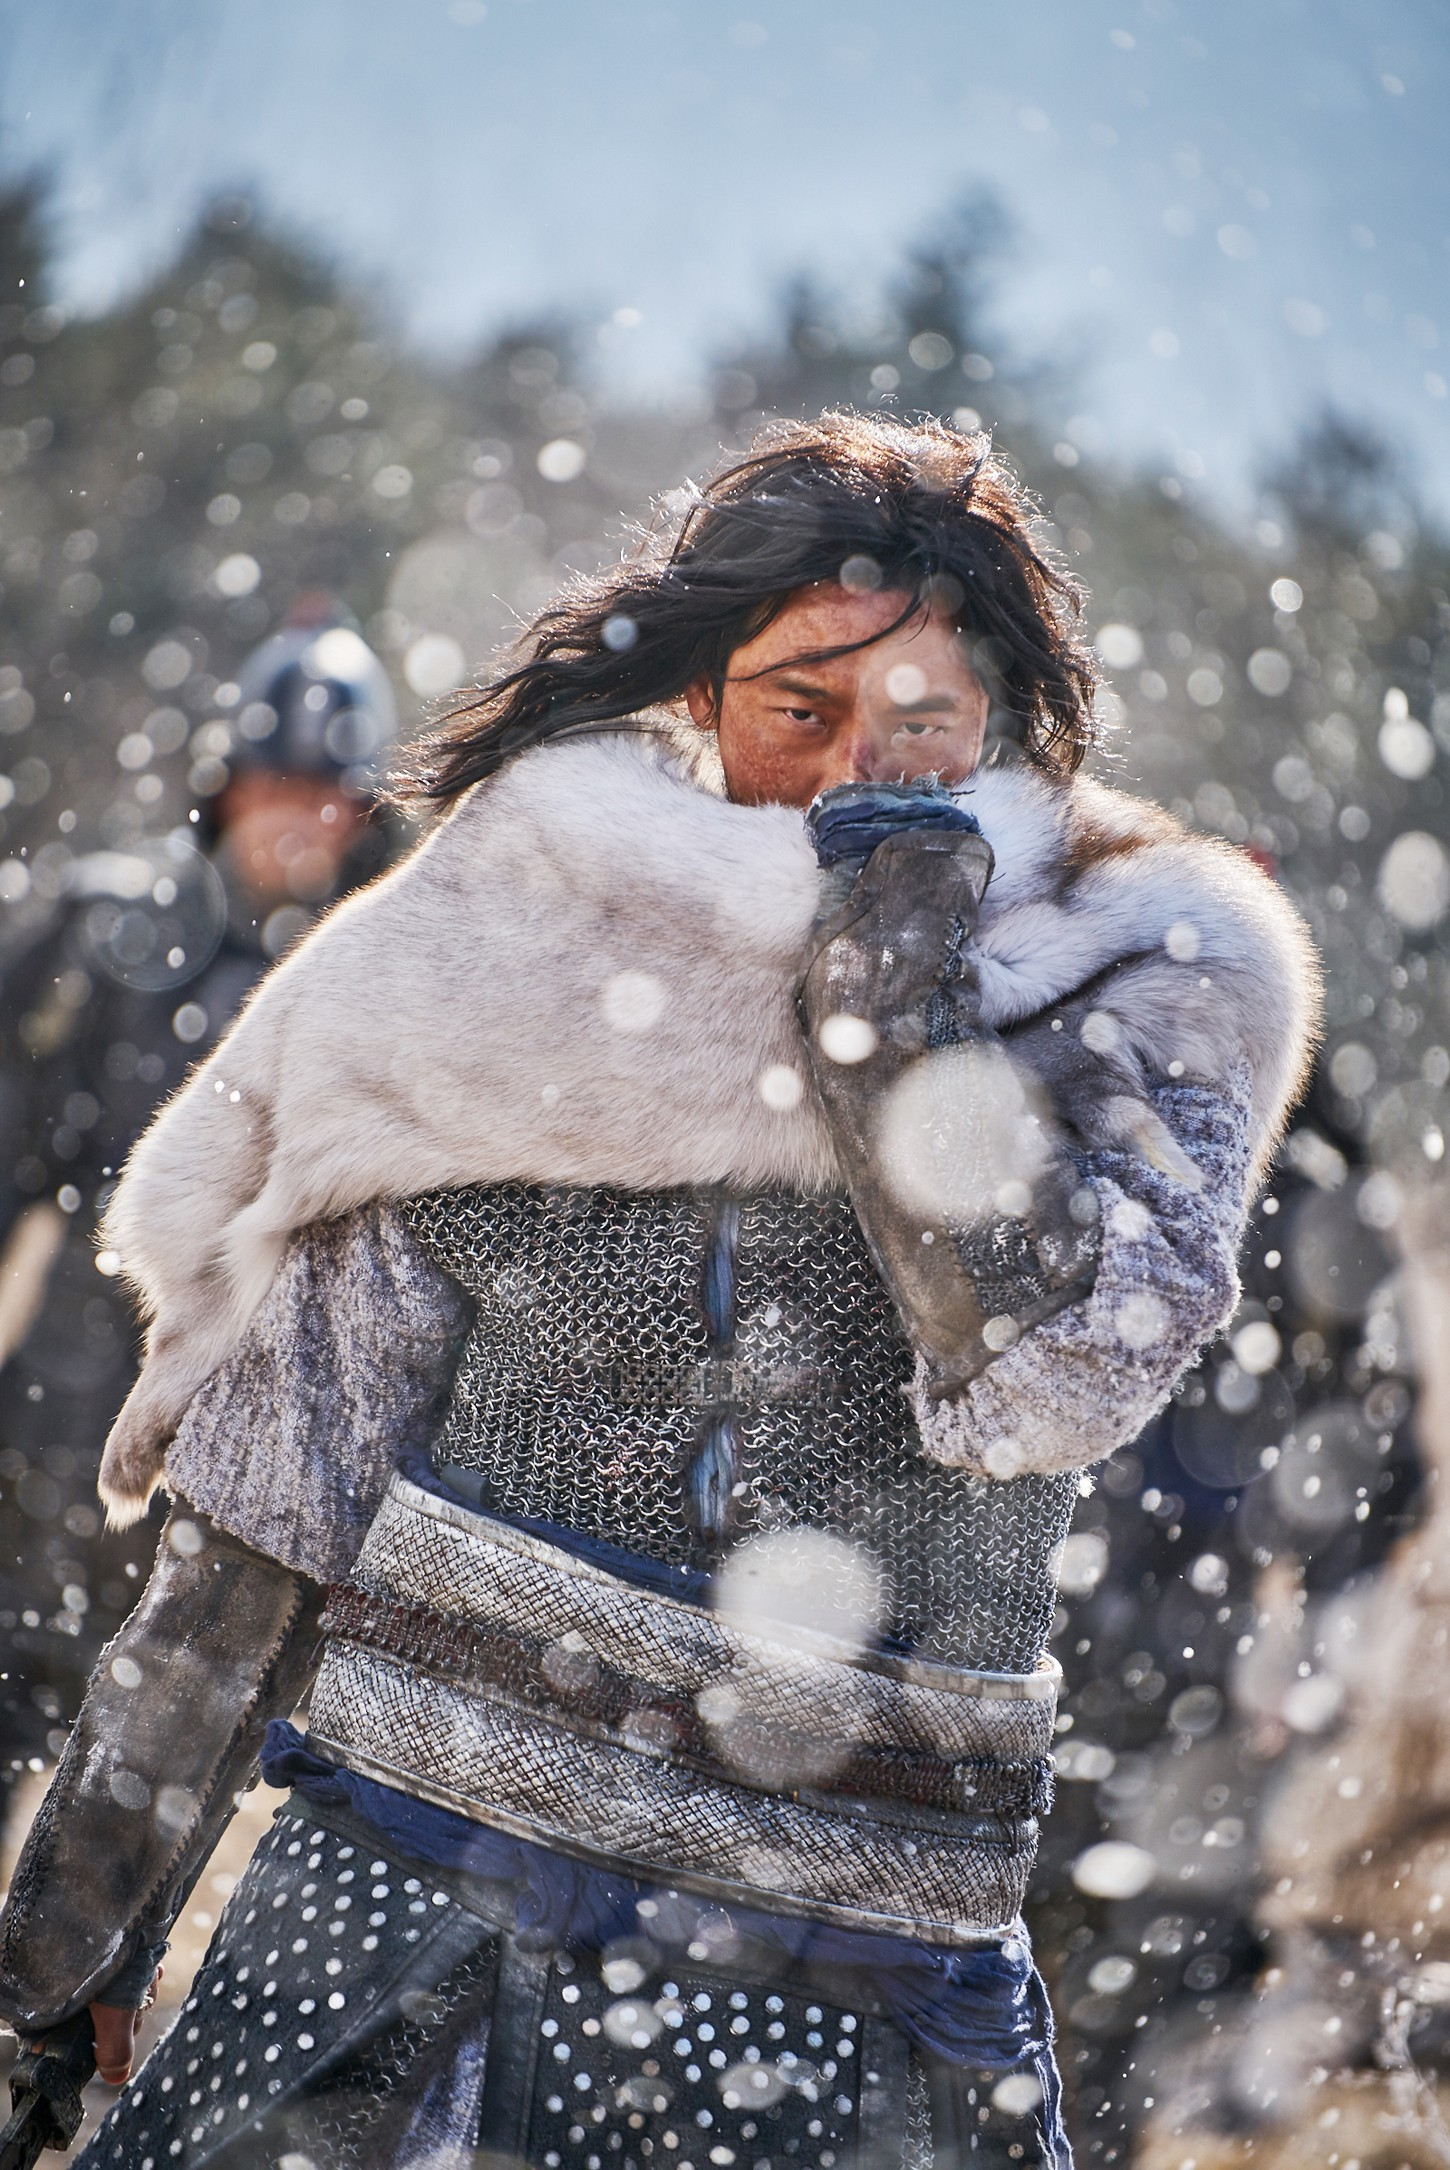 Gần 10 năm hậu scandal, Thái tử Shin đã trở lại thời hoàng kim đầy ngoạn mục! - Ảnh 5.